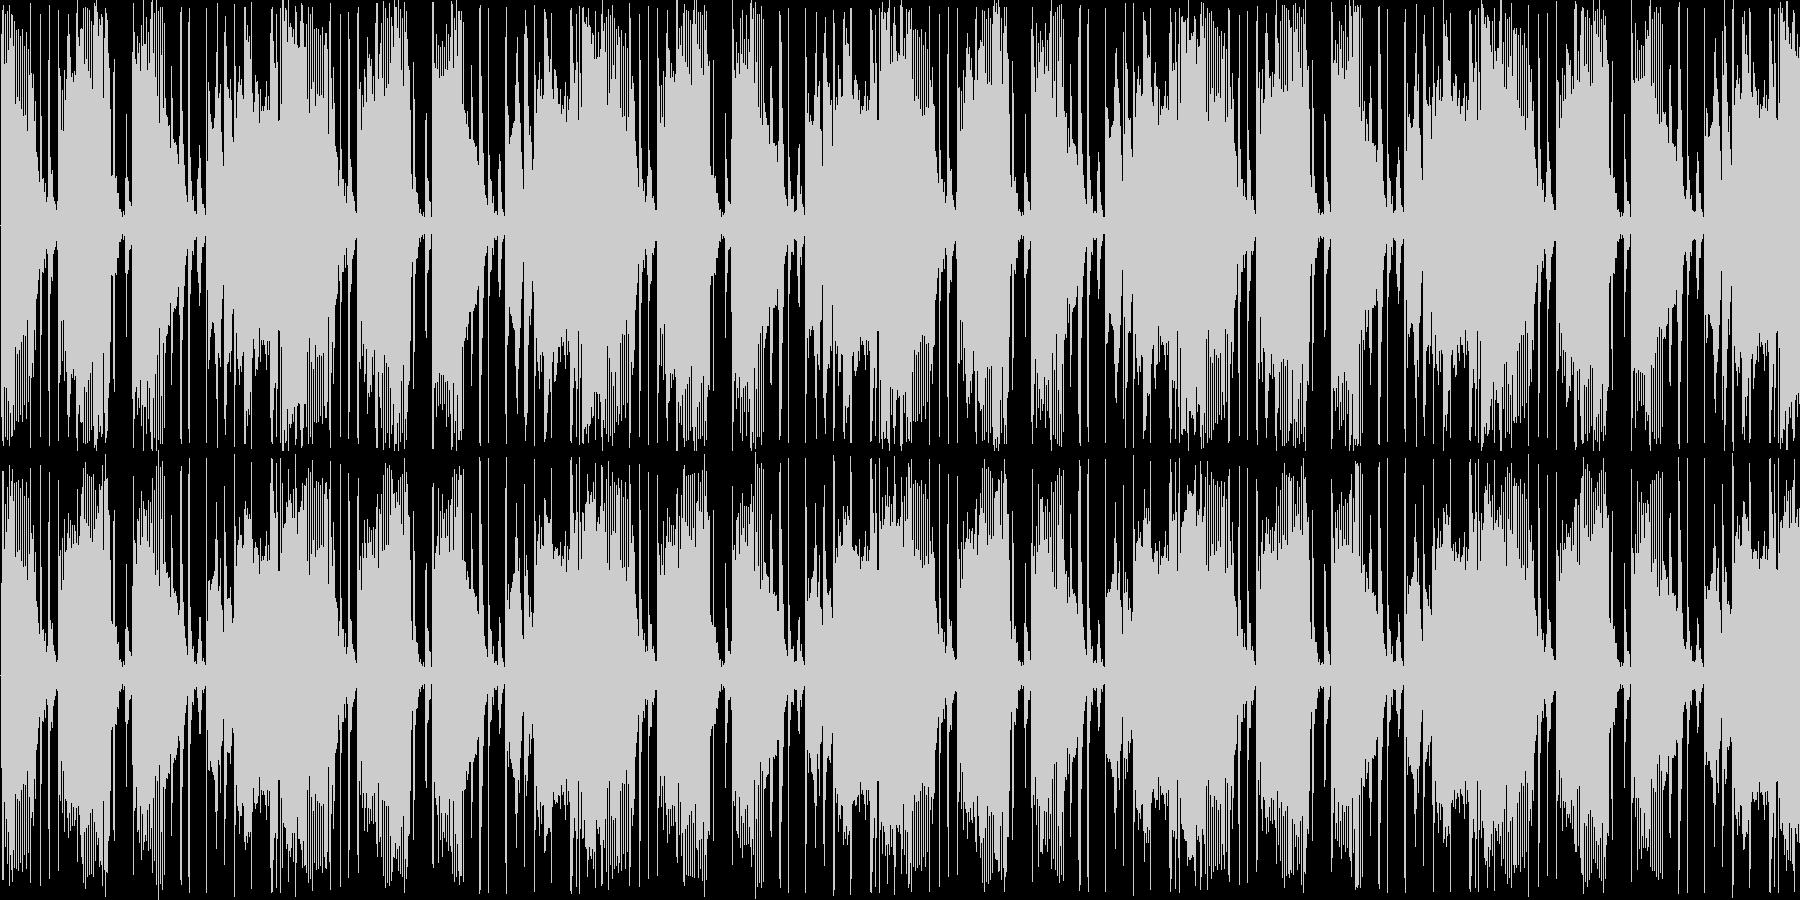 【スラップベース/ファンク/ポップ】の未再生の波形